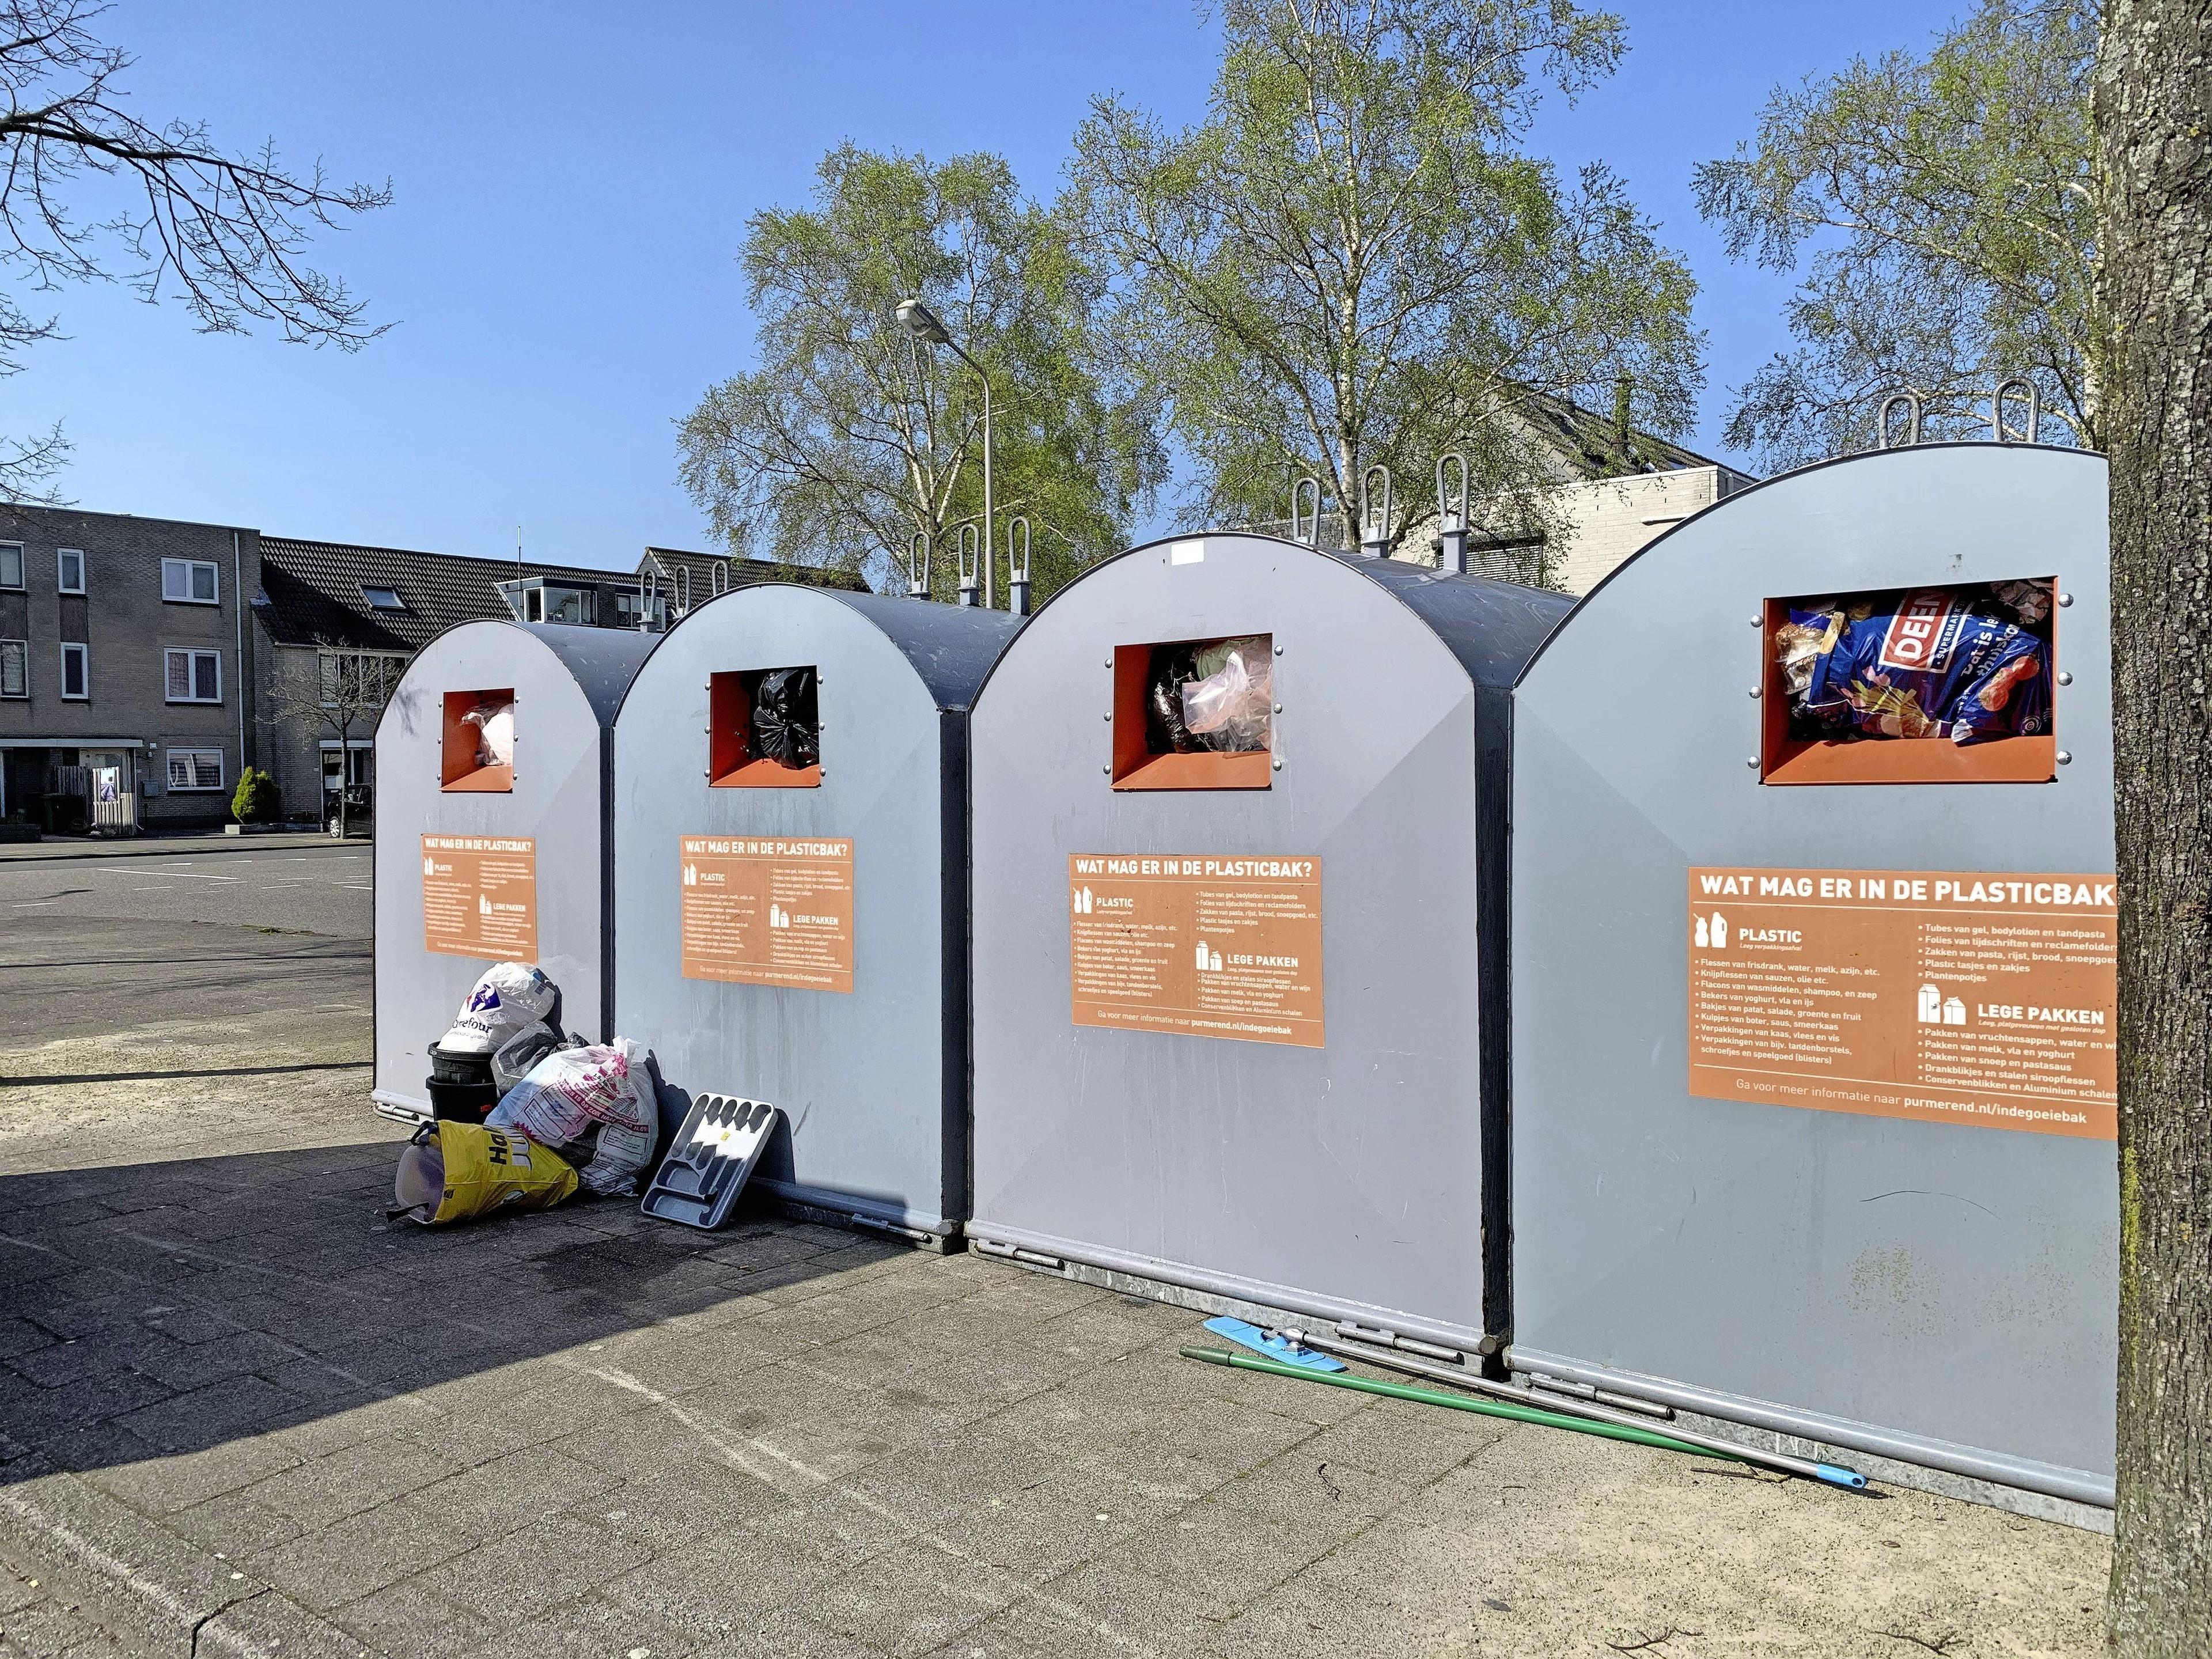 Afvalenquête in Purmerend: ieder eigen plasticbak, niet meer zeulen naar centrale containers - Noord